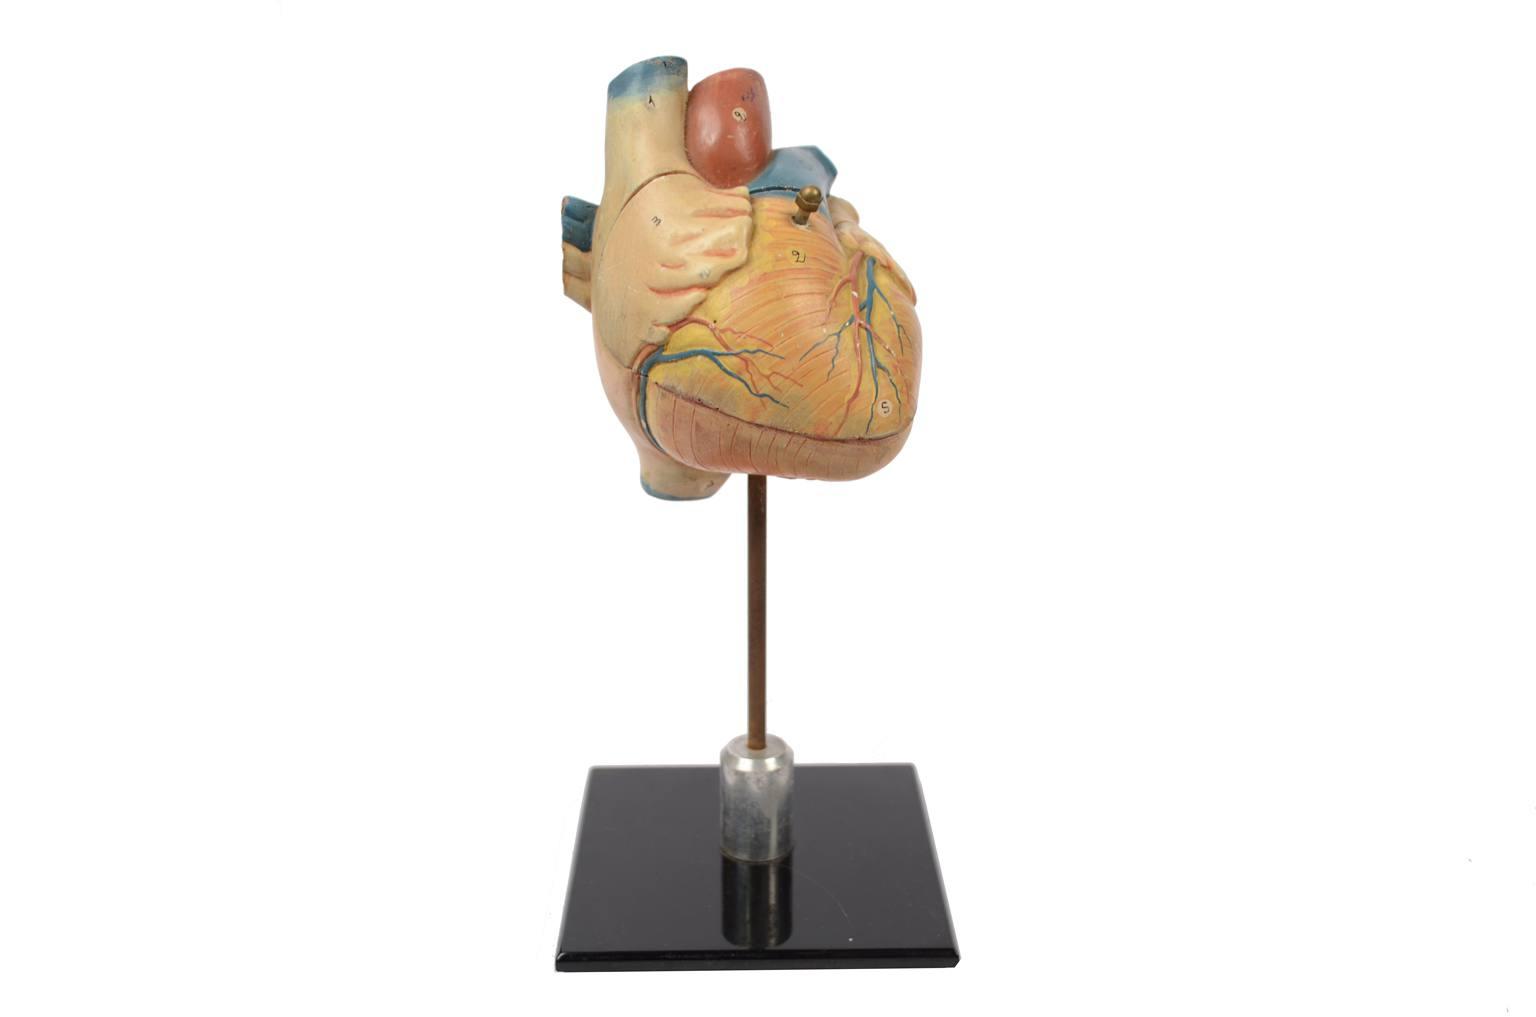 古医疗器具/6131-心脏的解剖模型